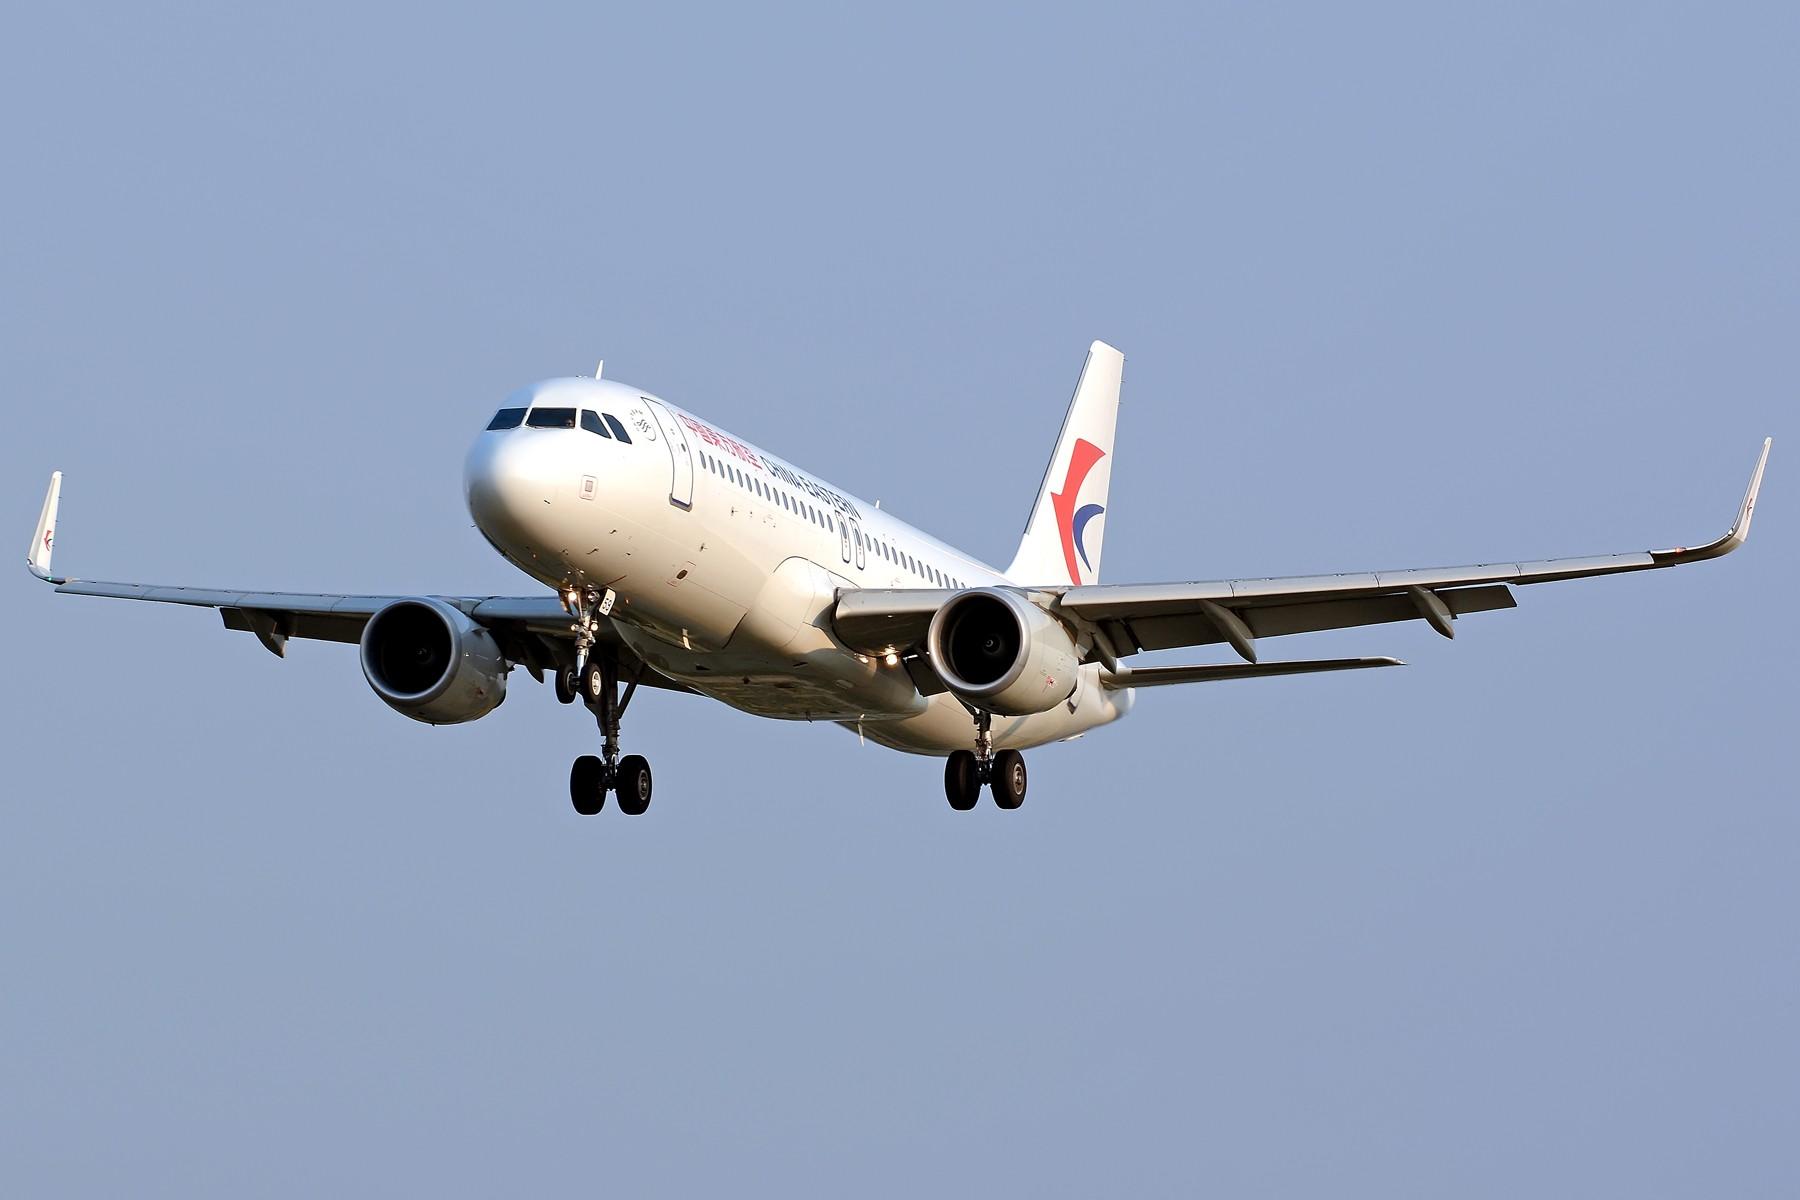 Re:[原创]【多图党】试镜200-500大头比较多 AIRBUS A320-200 B-8859 中国合肥新桥国际机场